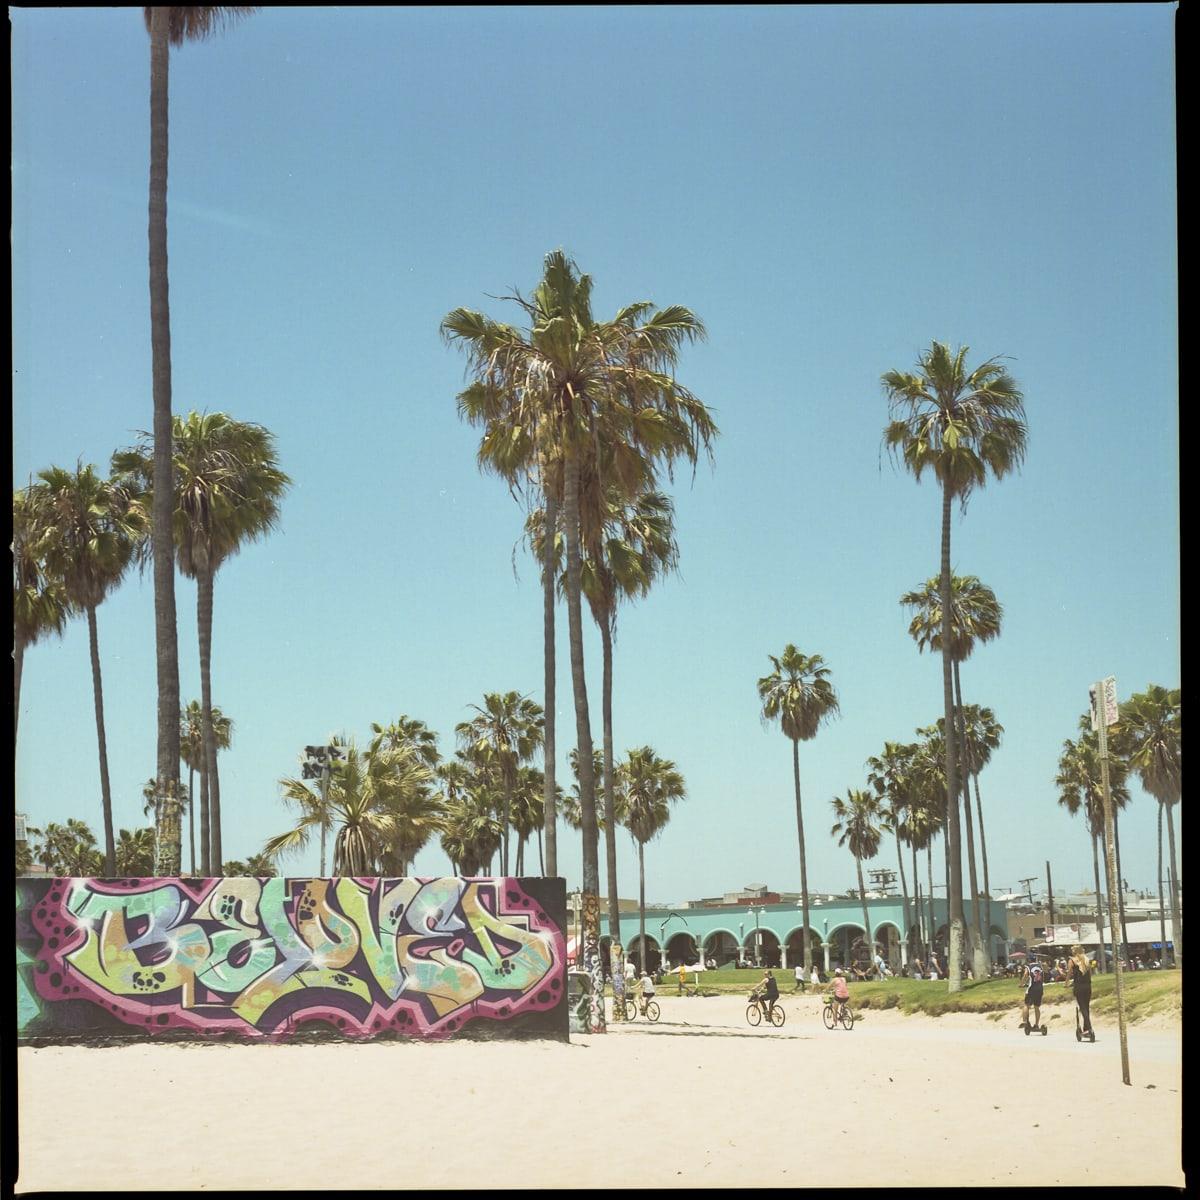 Palm trees an graffiti at Venice Beach, California